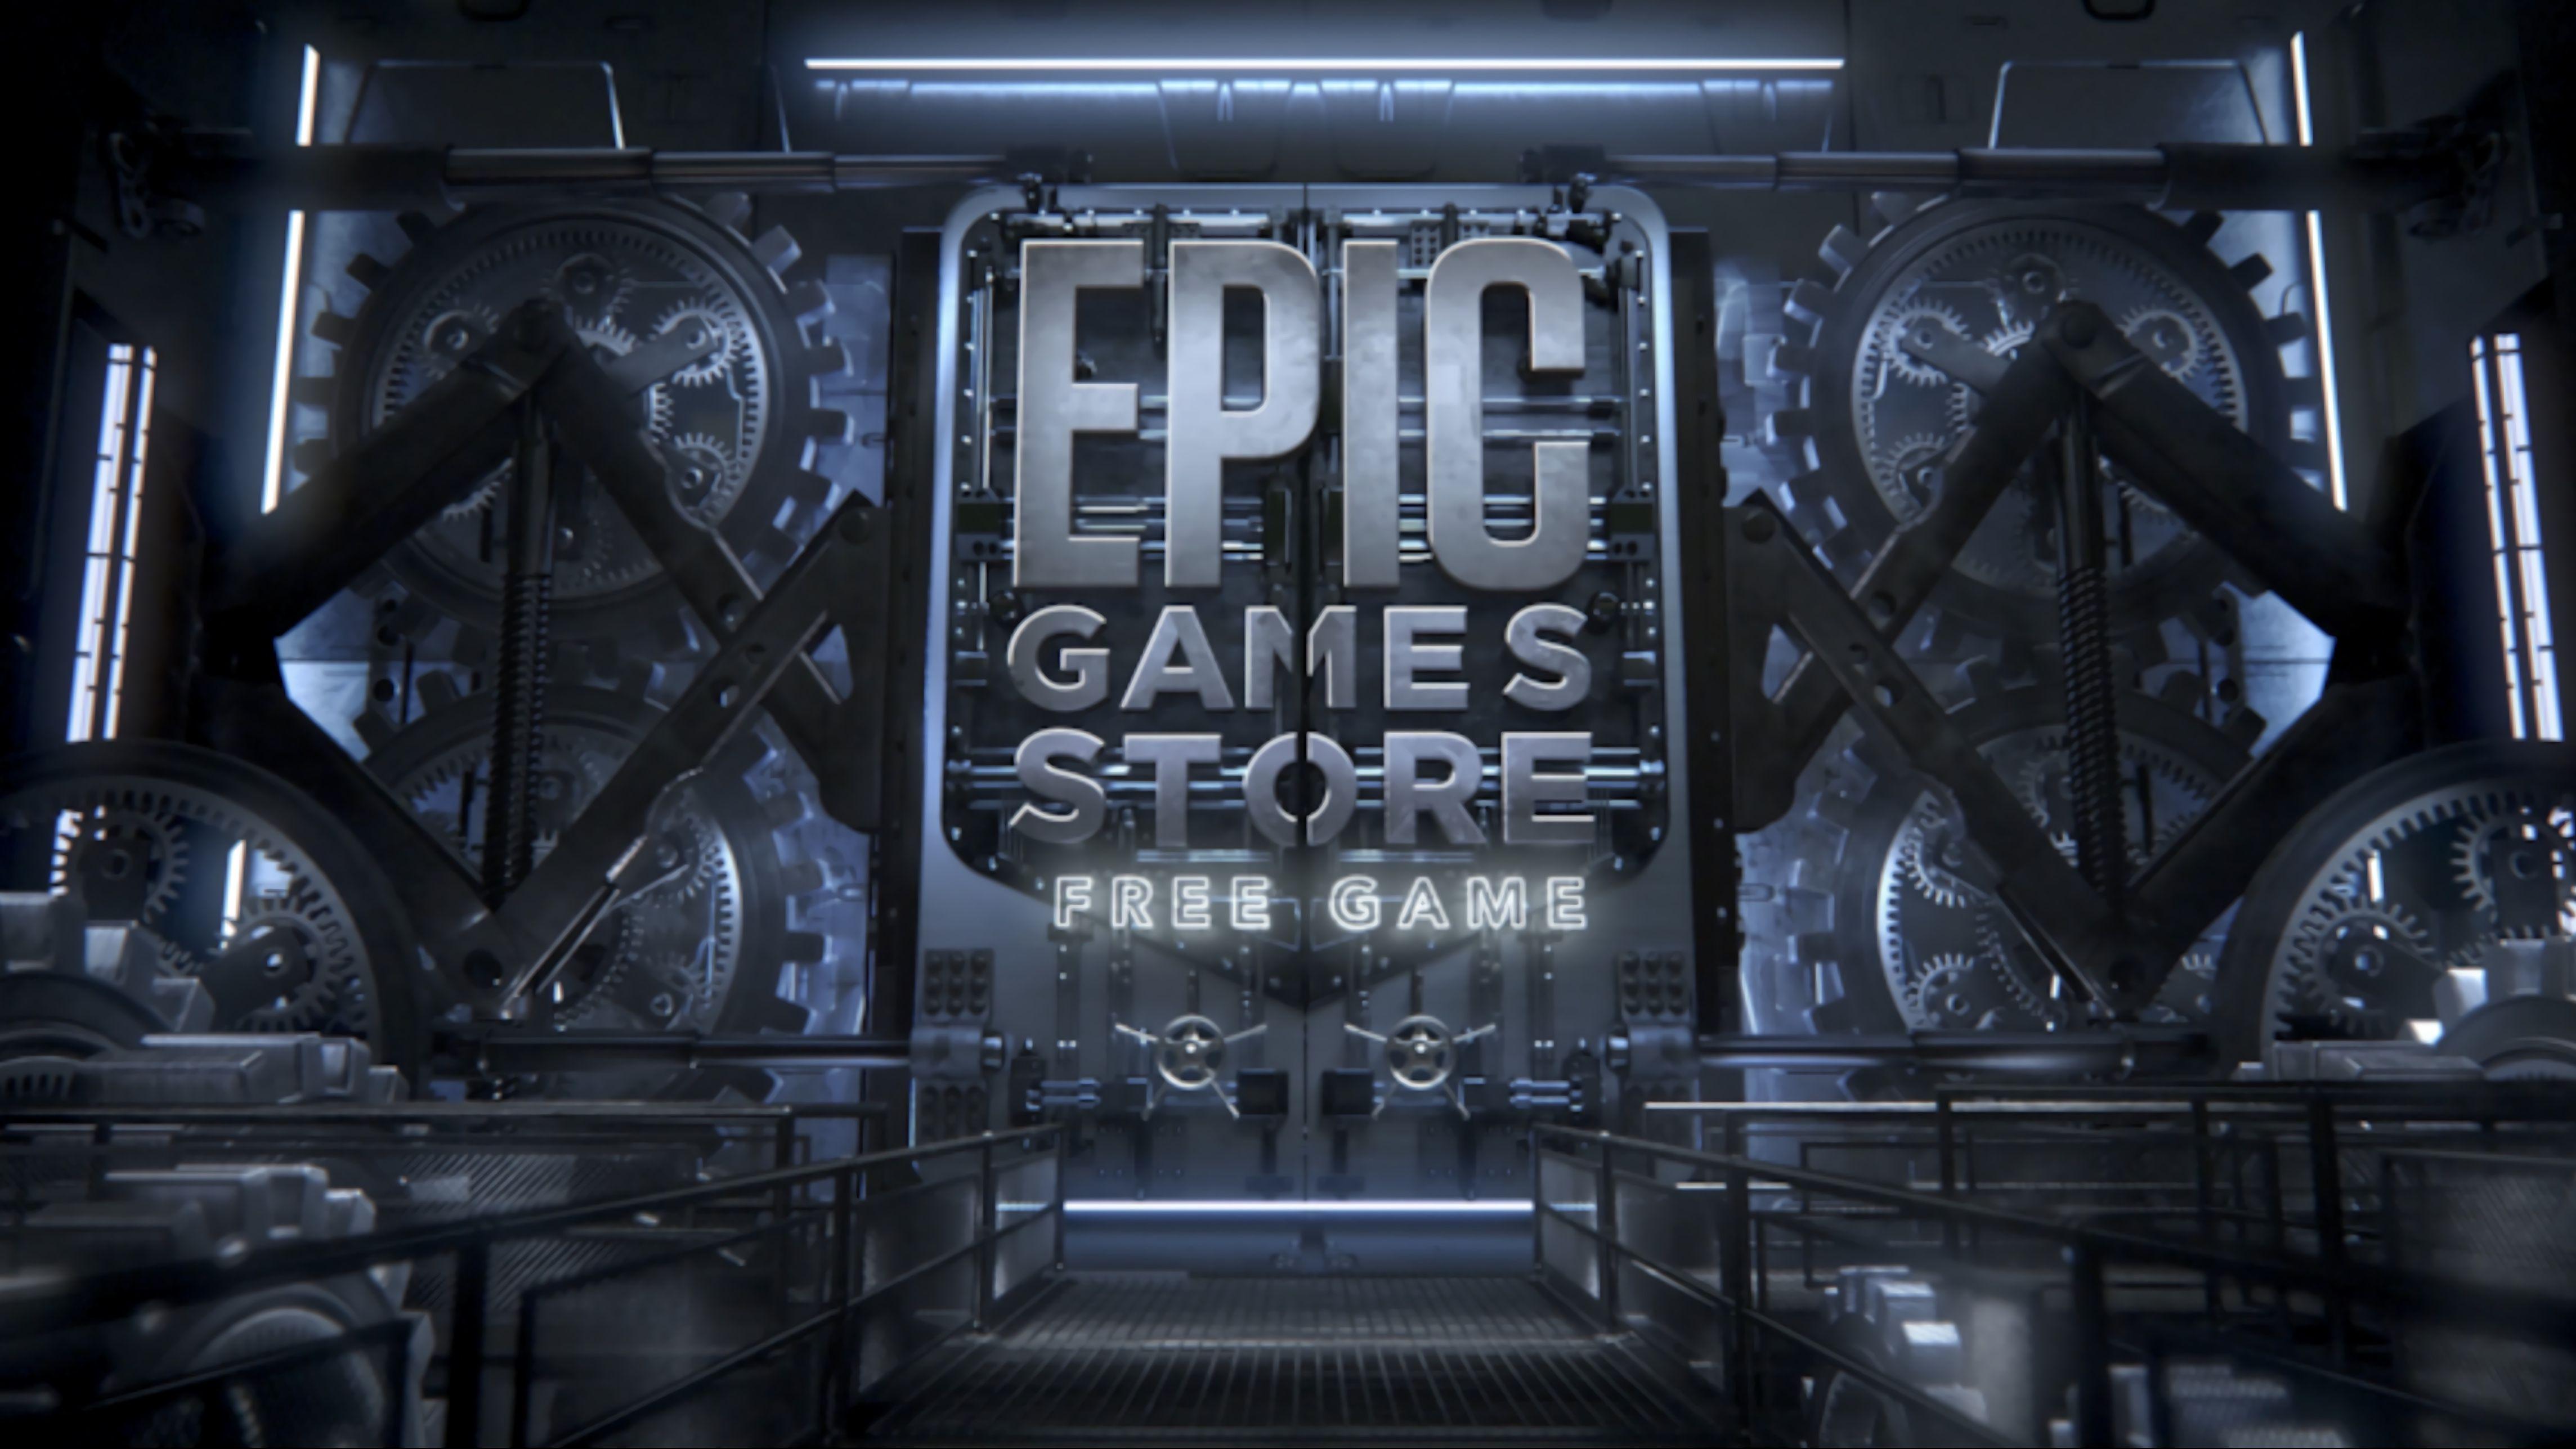 VAZOU!!! Os próximos jogos que estarão gratuitos na Epic Games Store